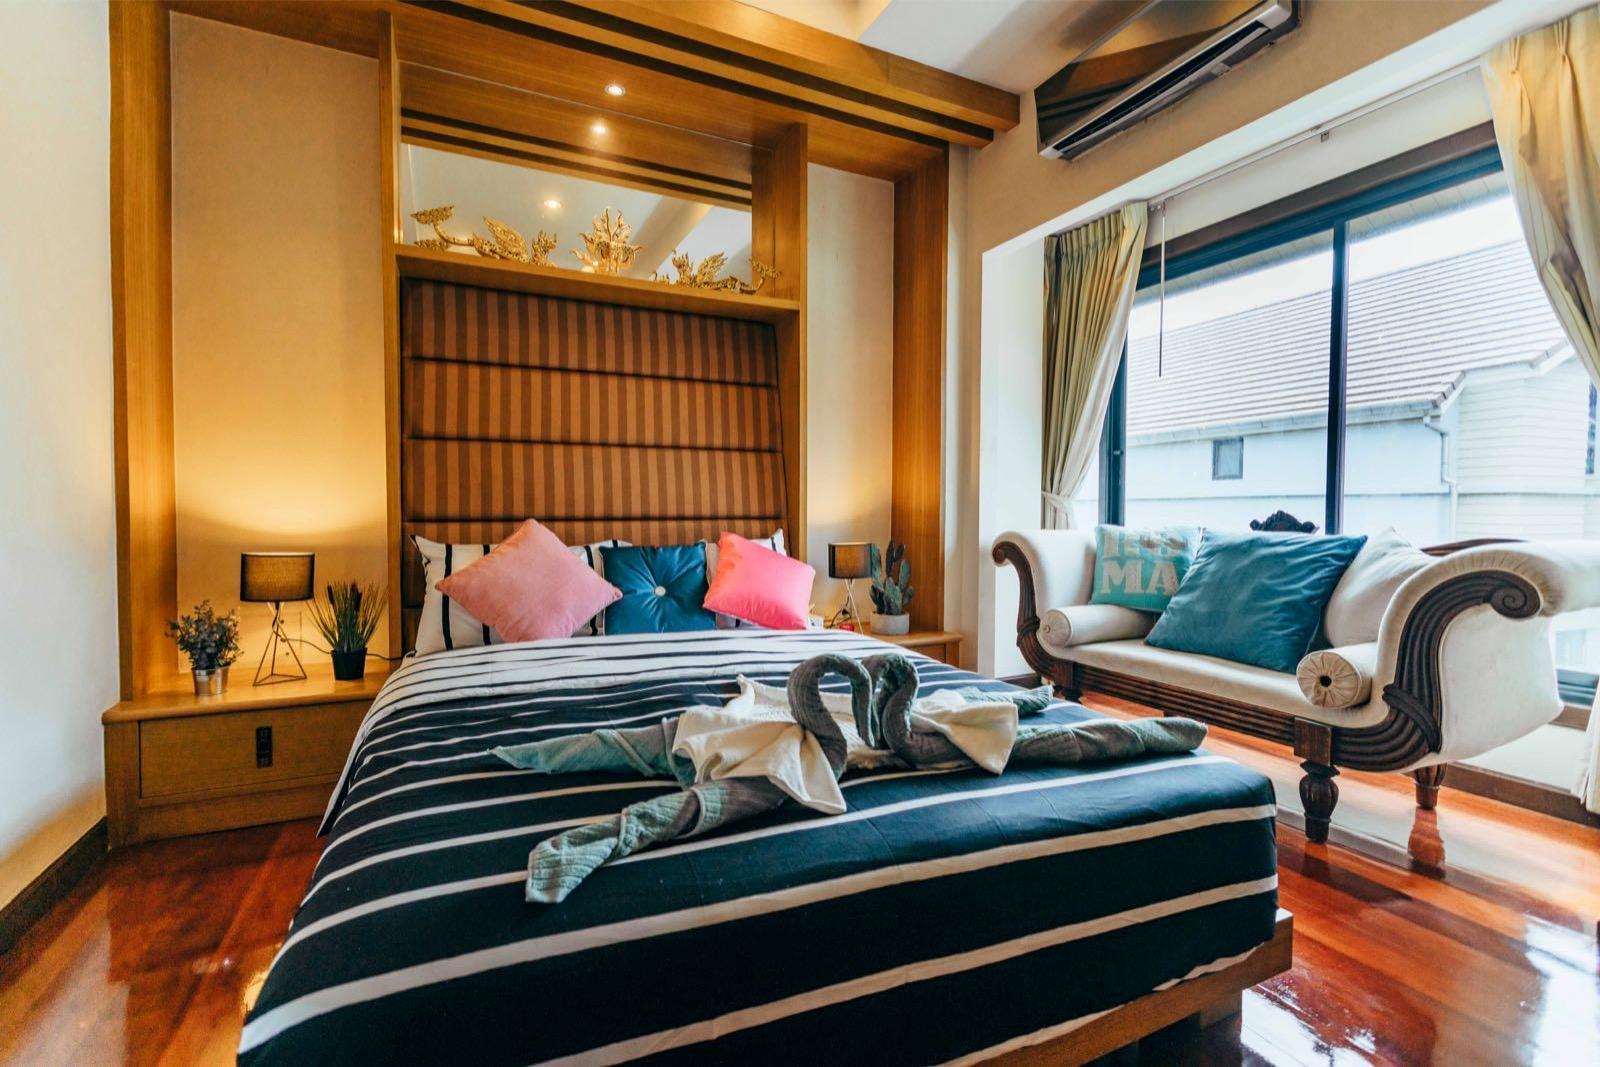 55 Deluxe 6 Bedroom Pool Villa In Downtown Pattaya